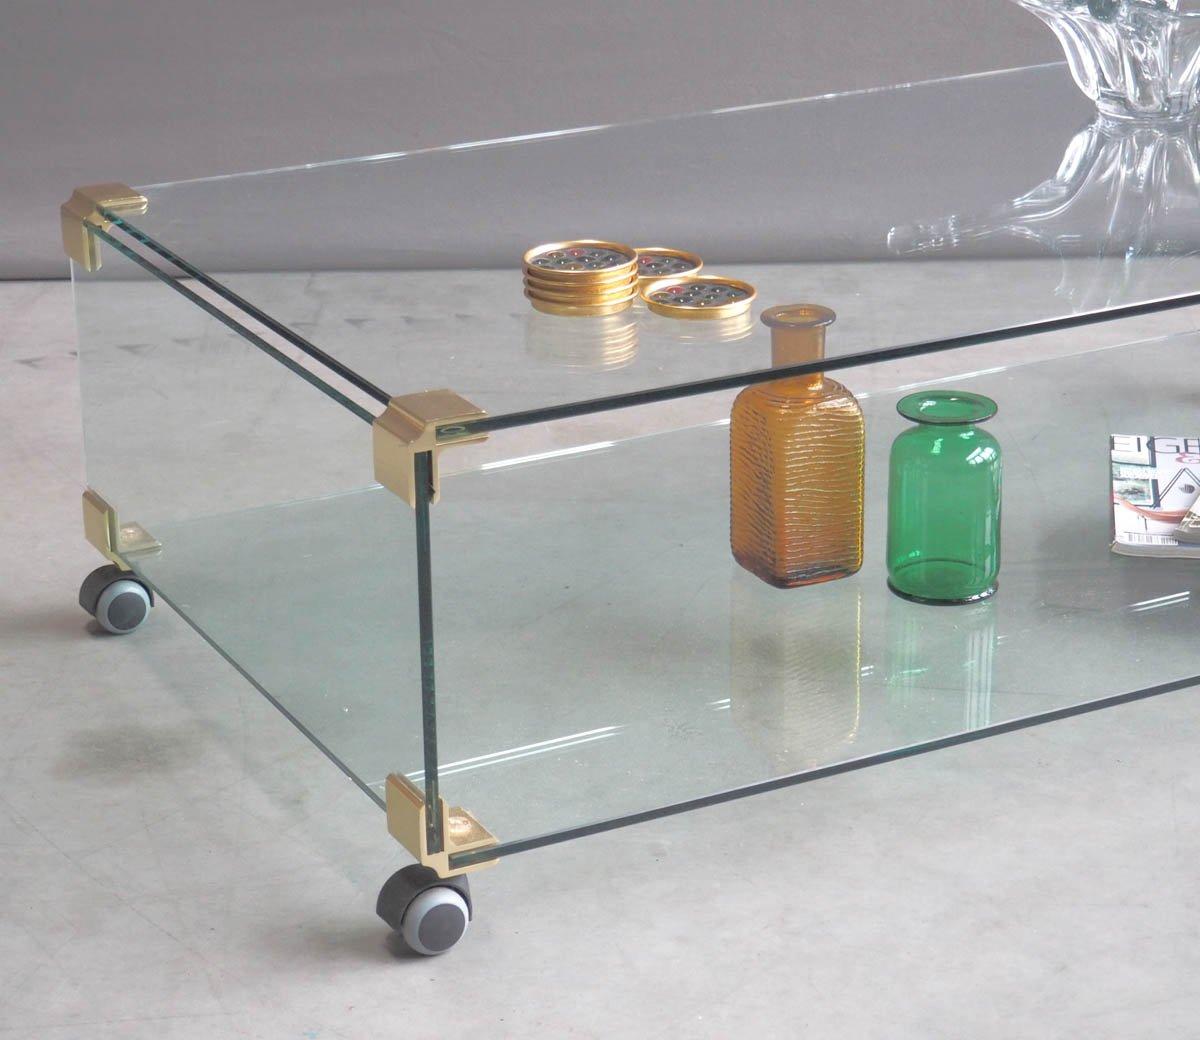 Grande table basse en verre et en laiton sur roulettes - Table tv verre roulettes ...